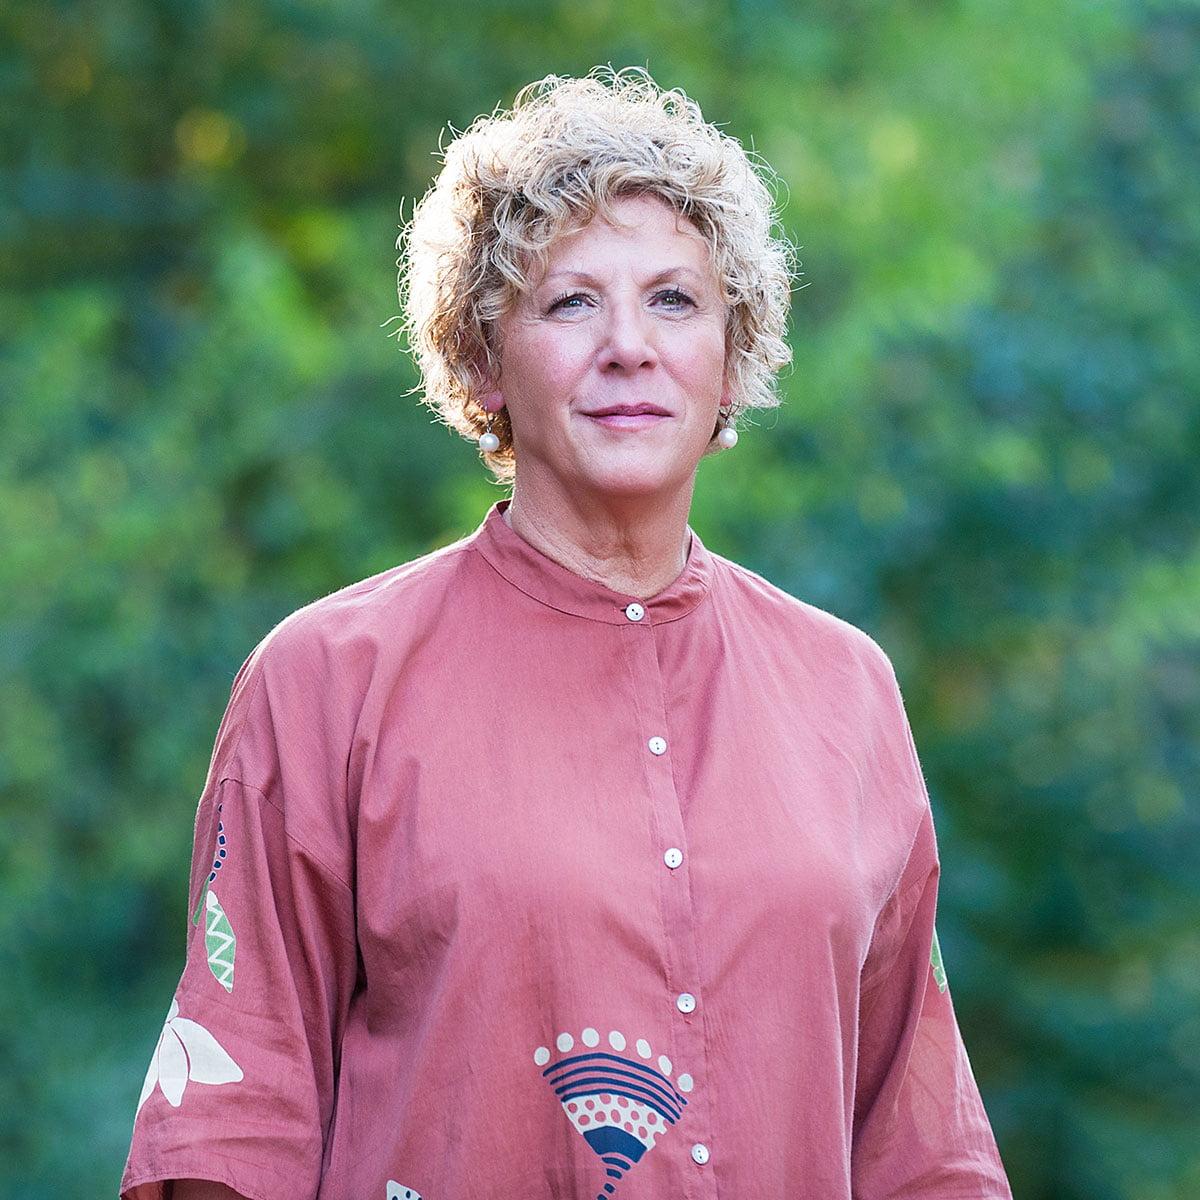 Cheryl B. Johns